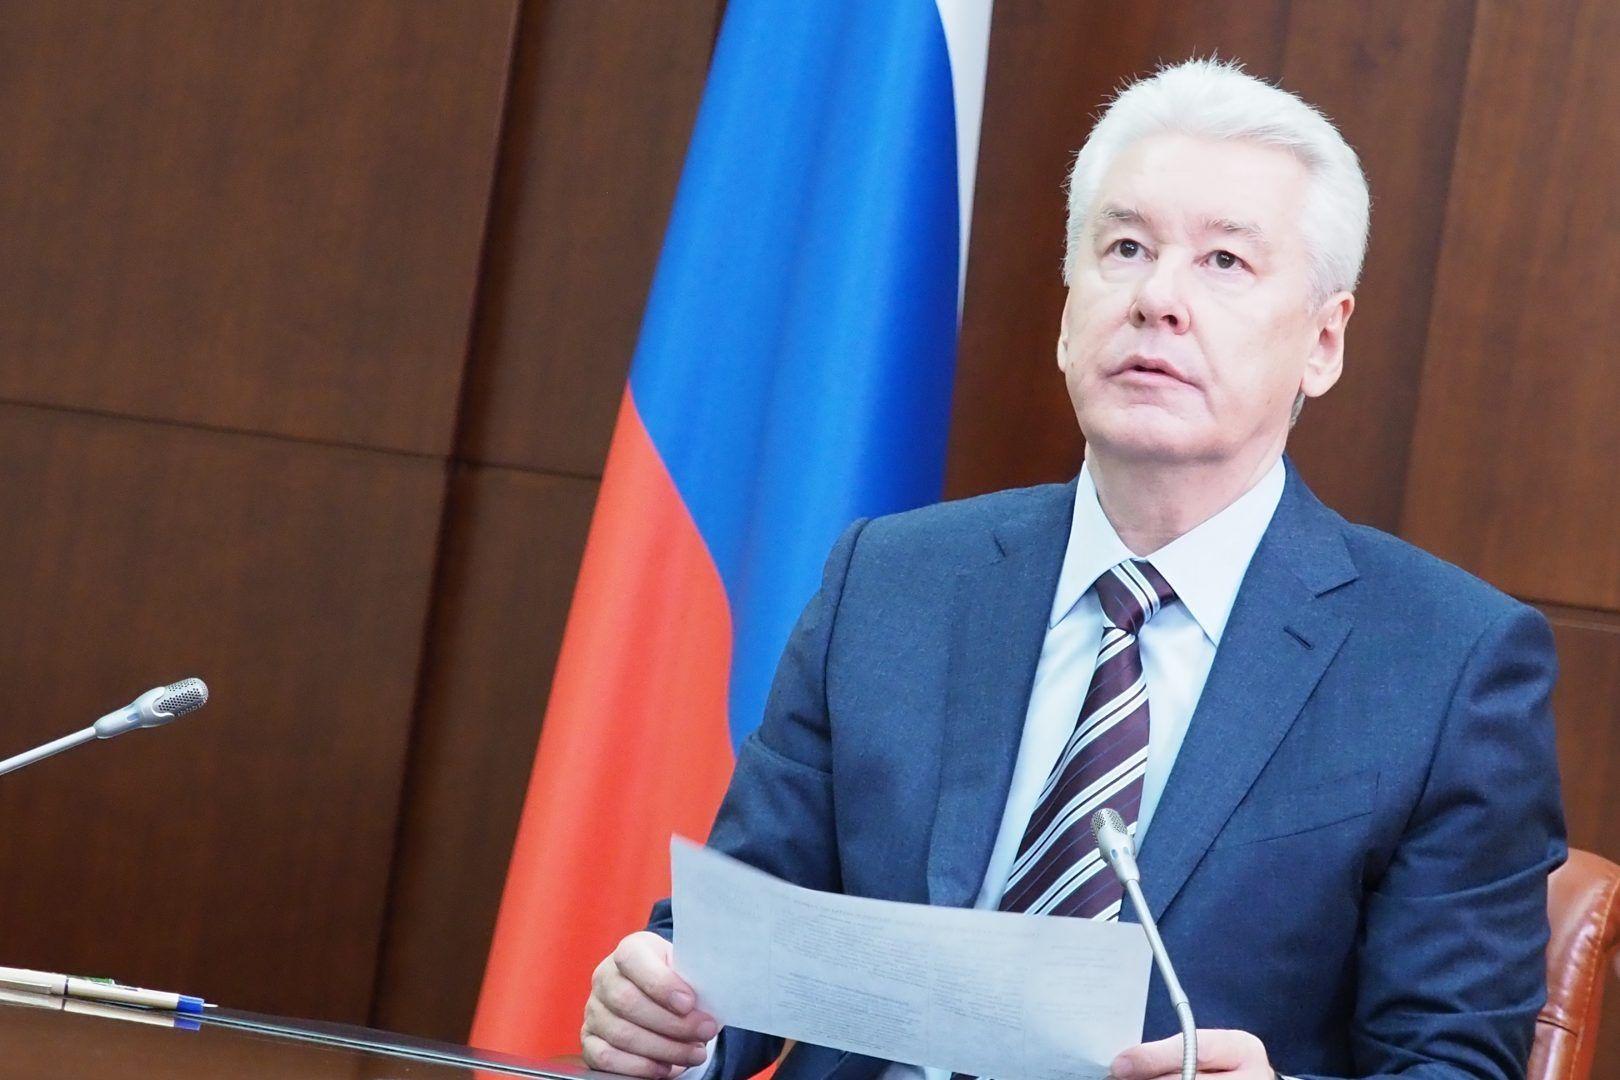 Собянин принял решение увеличить поддержку московских театров. Фото: архив